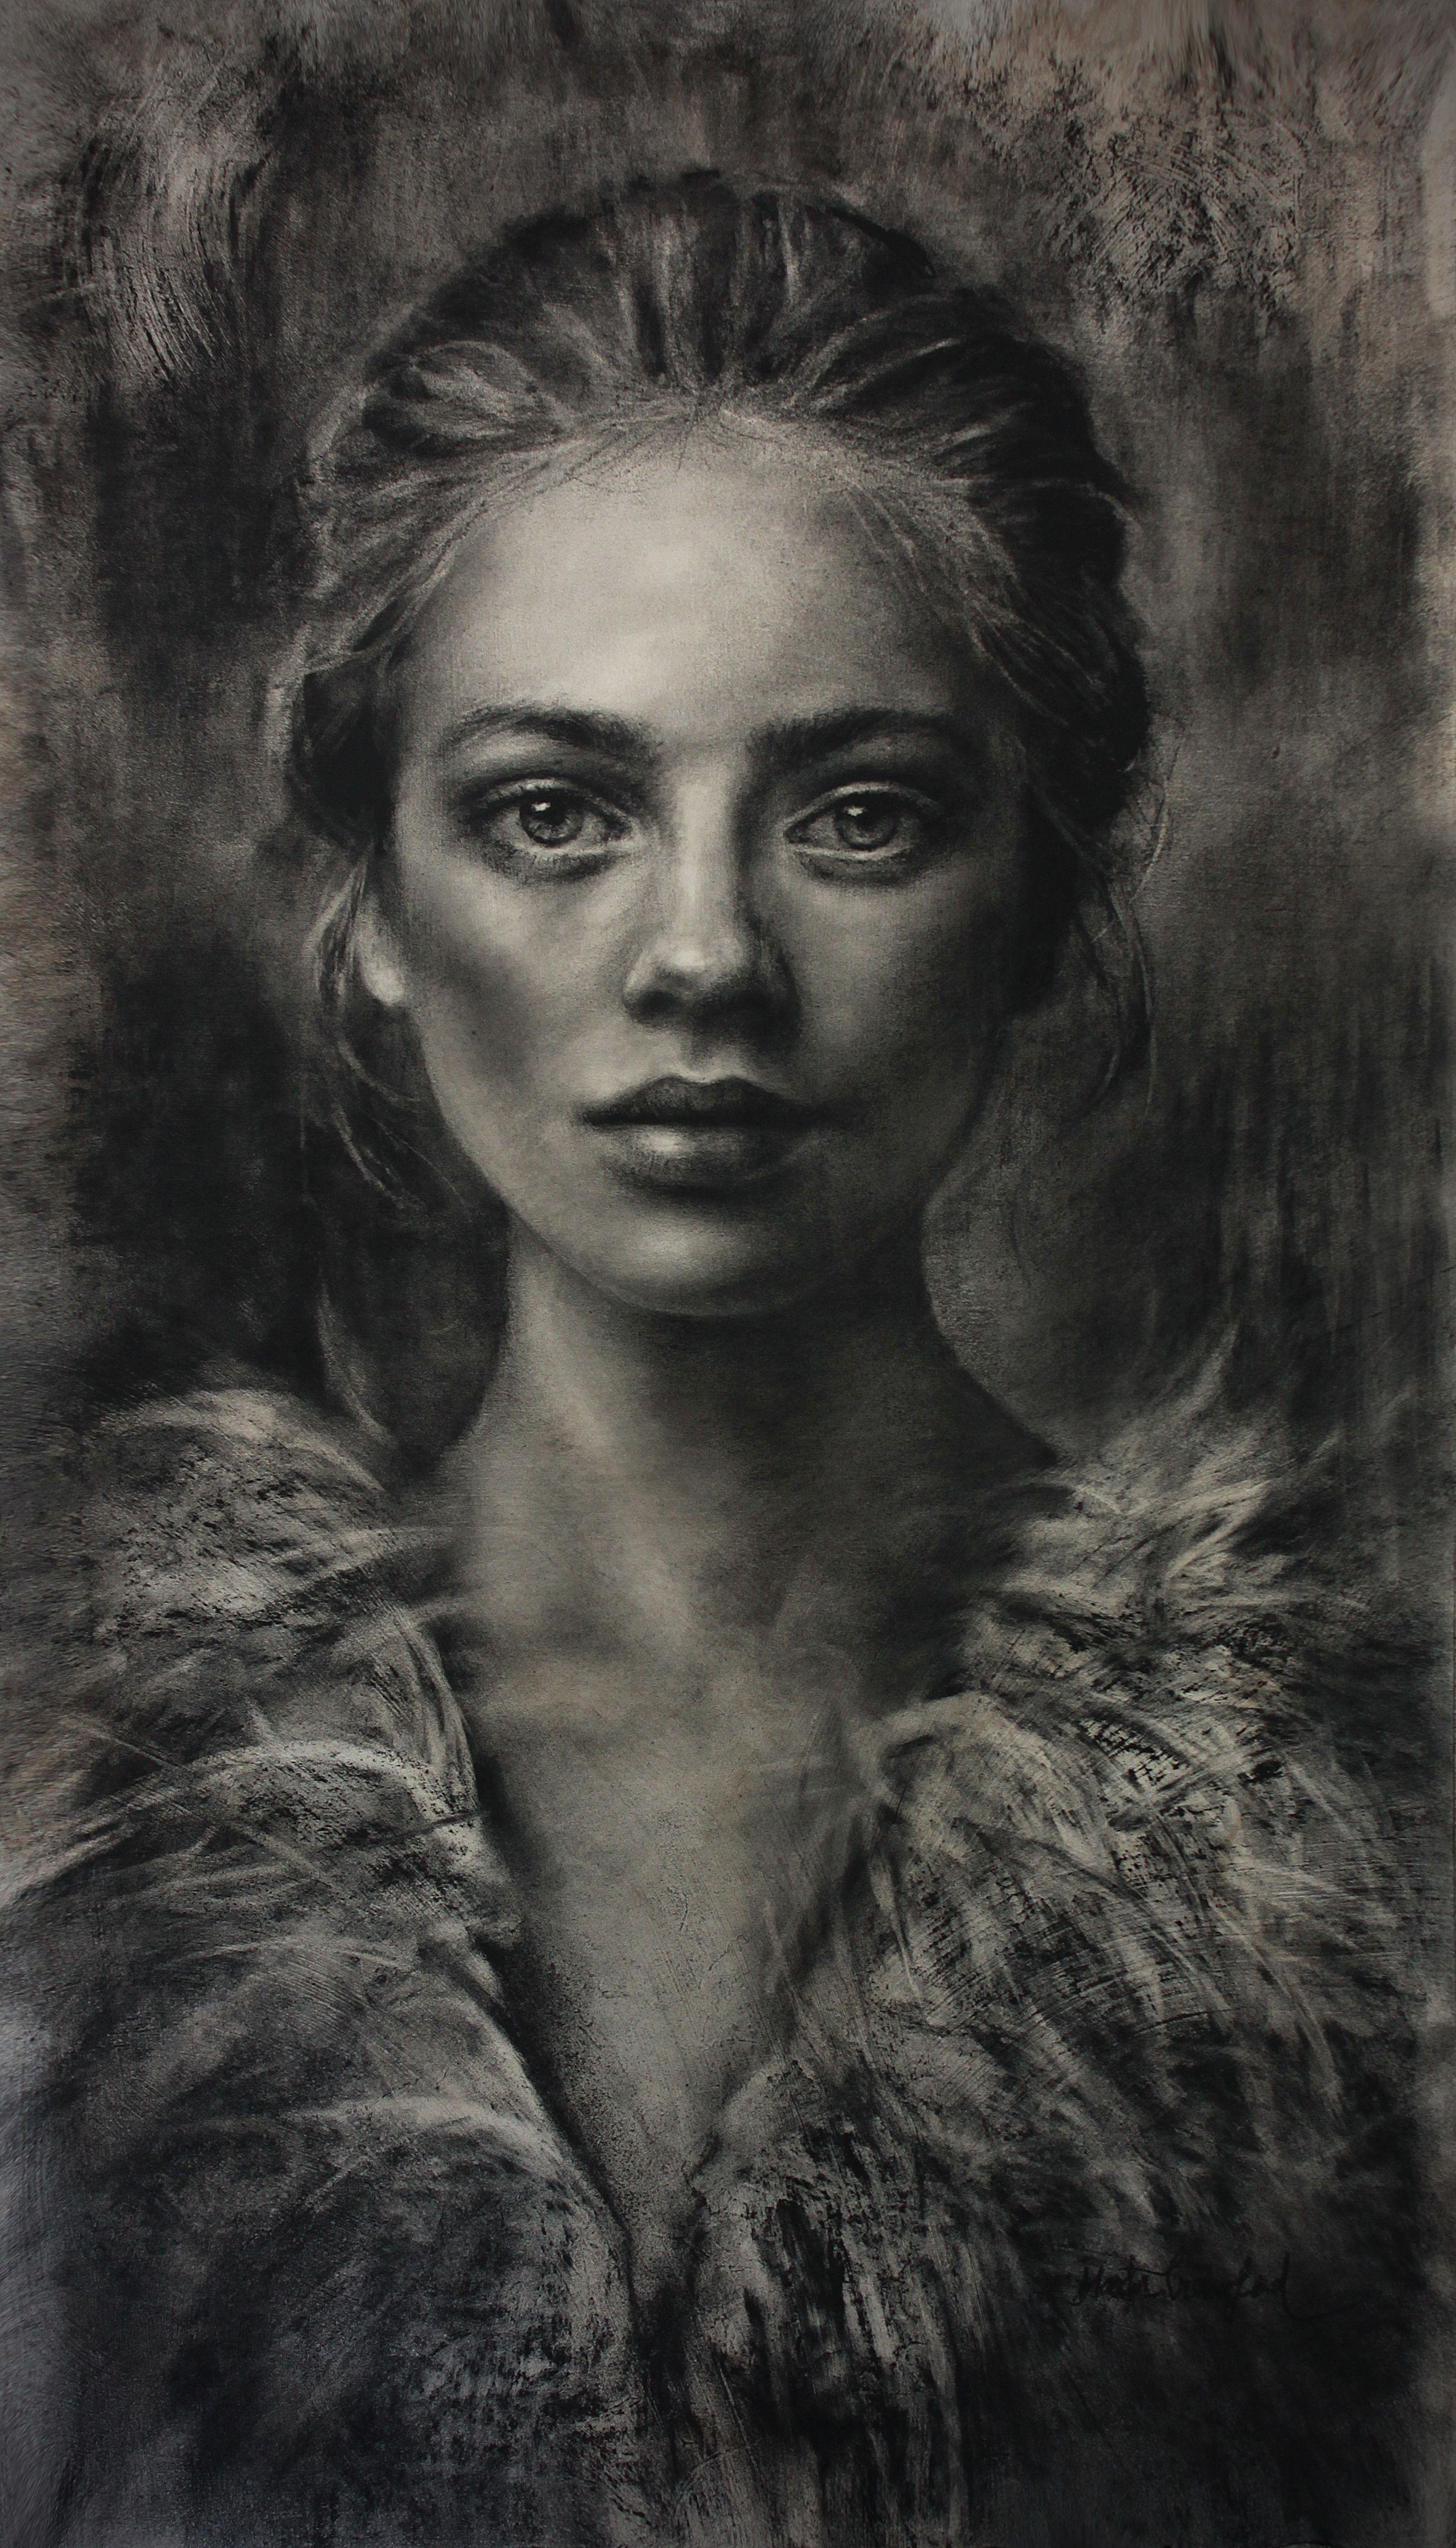 Рисунок углем портрет фото